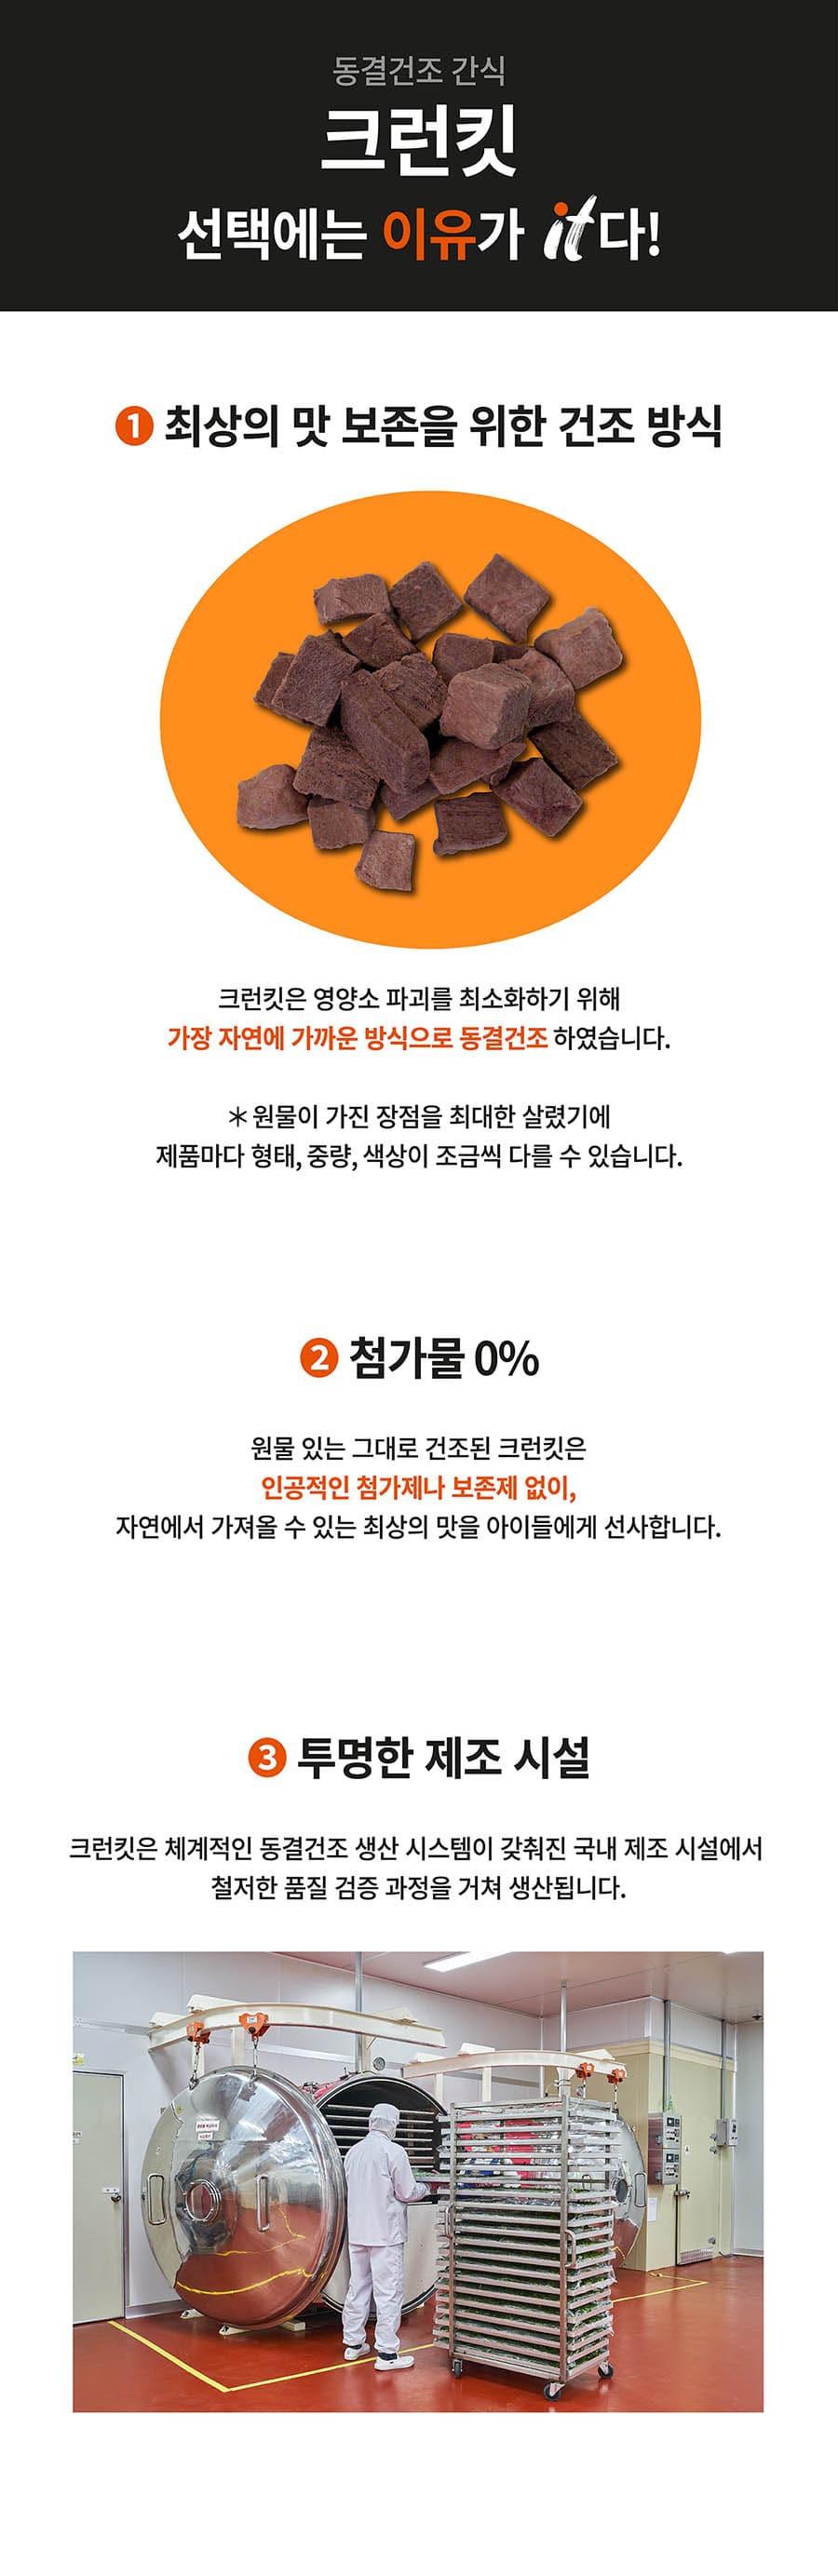 it 크런킷 레어프로틴 (열빙어/캥거루/상어순살/말고기/껍질연어)-상품이미지-9